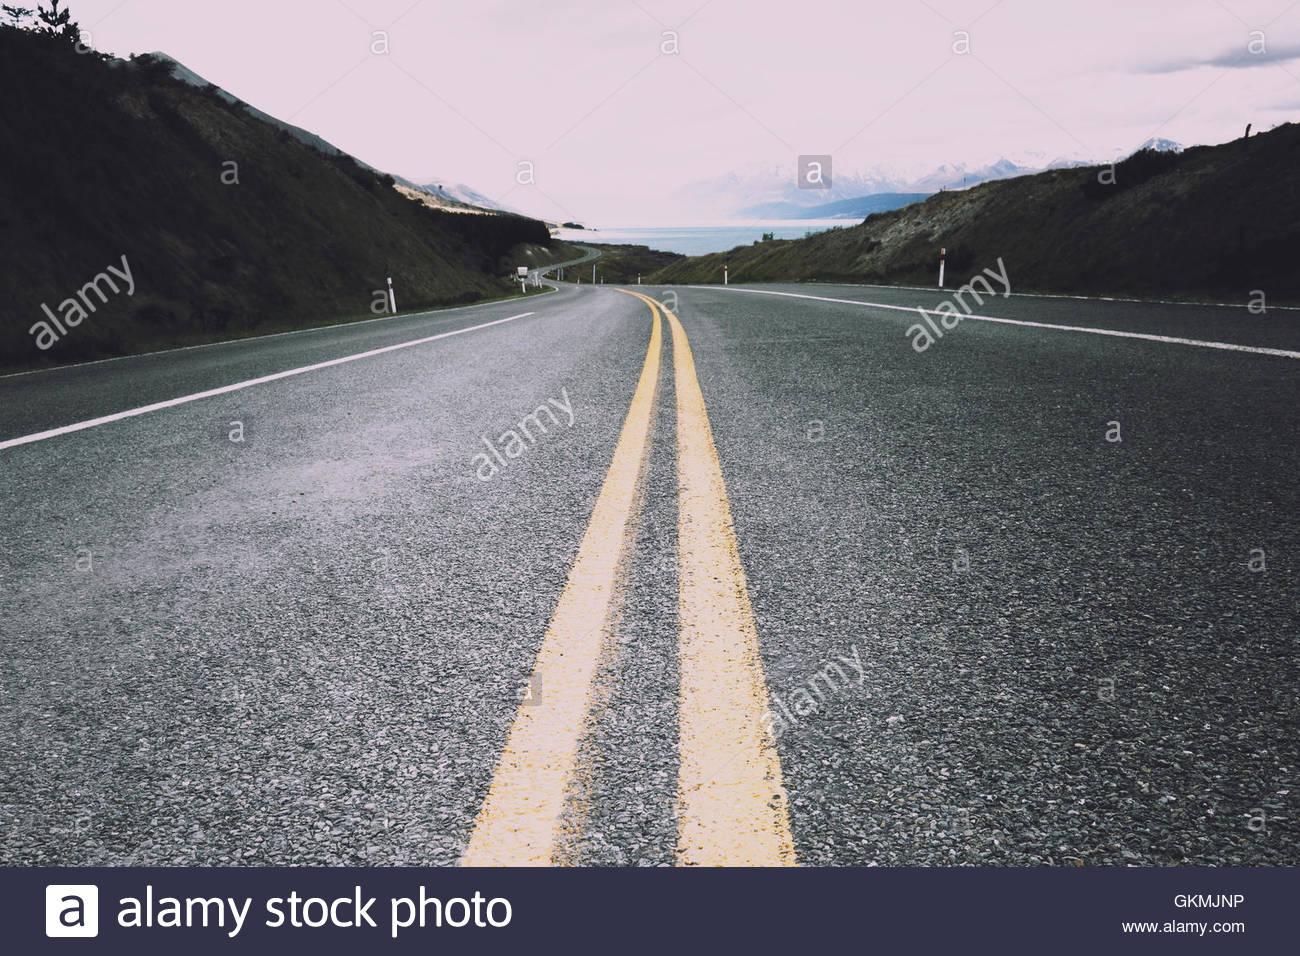 Road to Mt Cook National Park captured in landscape format. - Stock Image